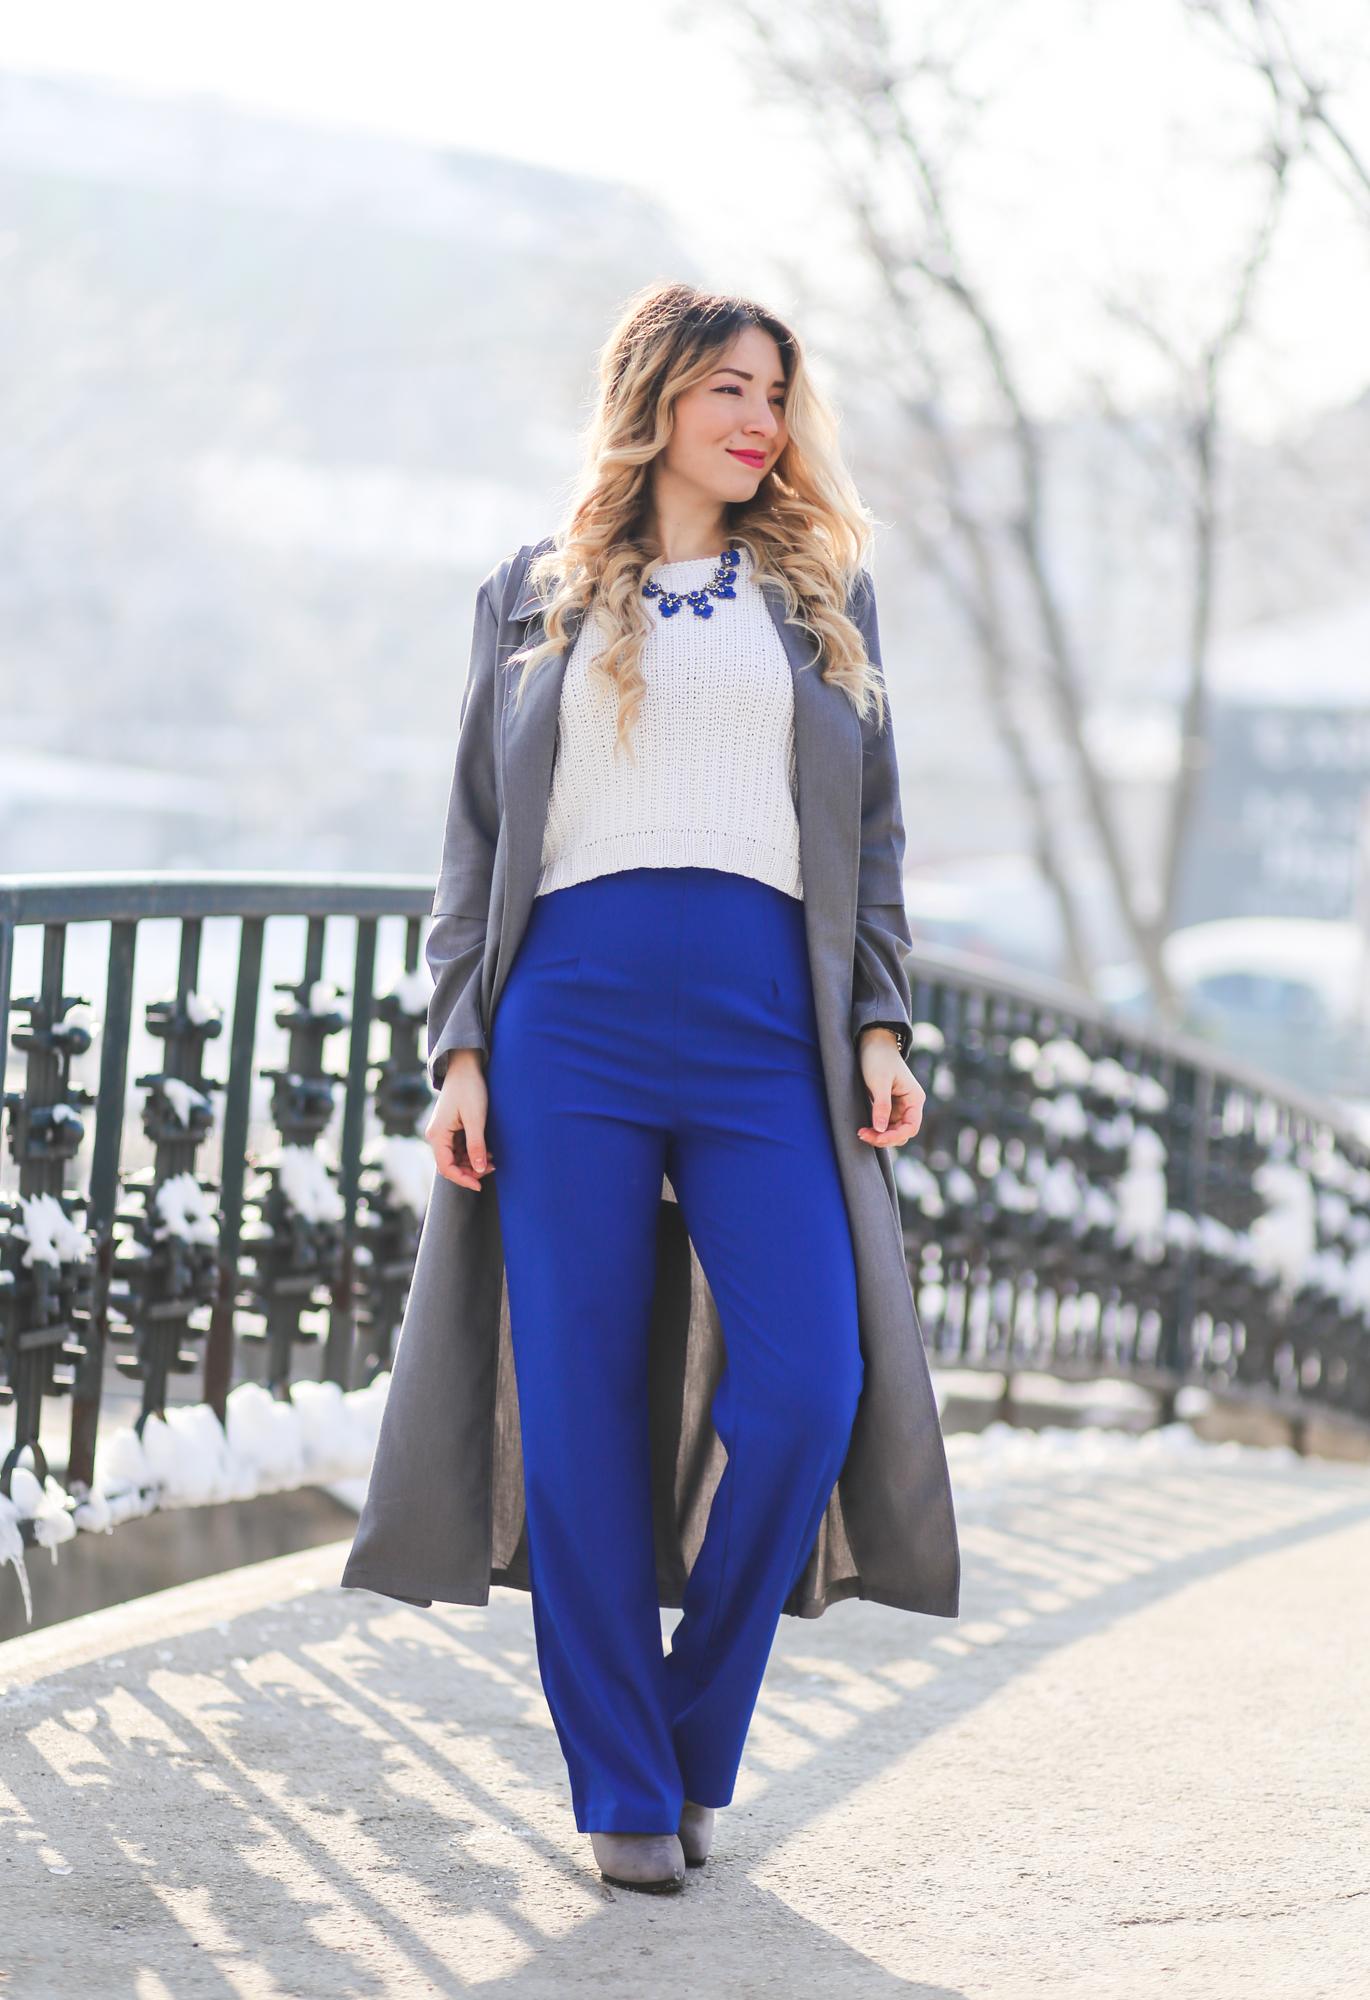 Tinuta de iarna. Tendinte in moda: pantalonii evazati cu talie inalta si bluza tip crop top